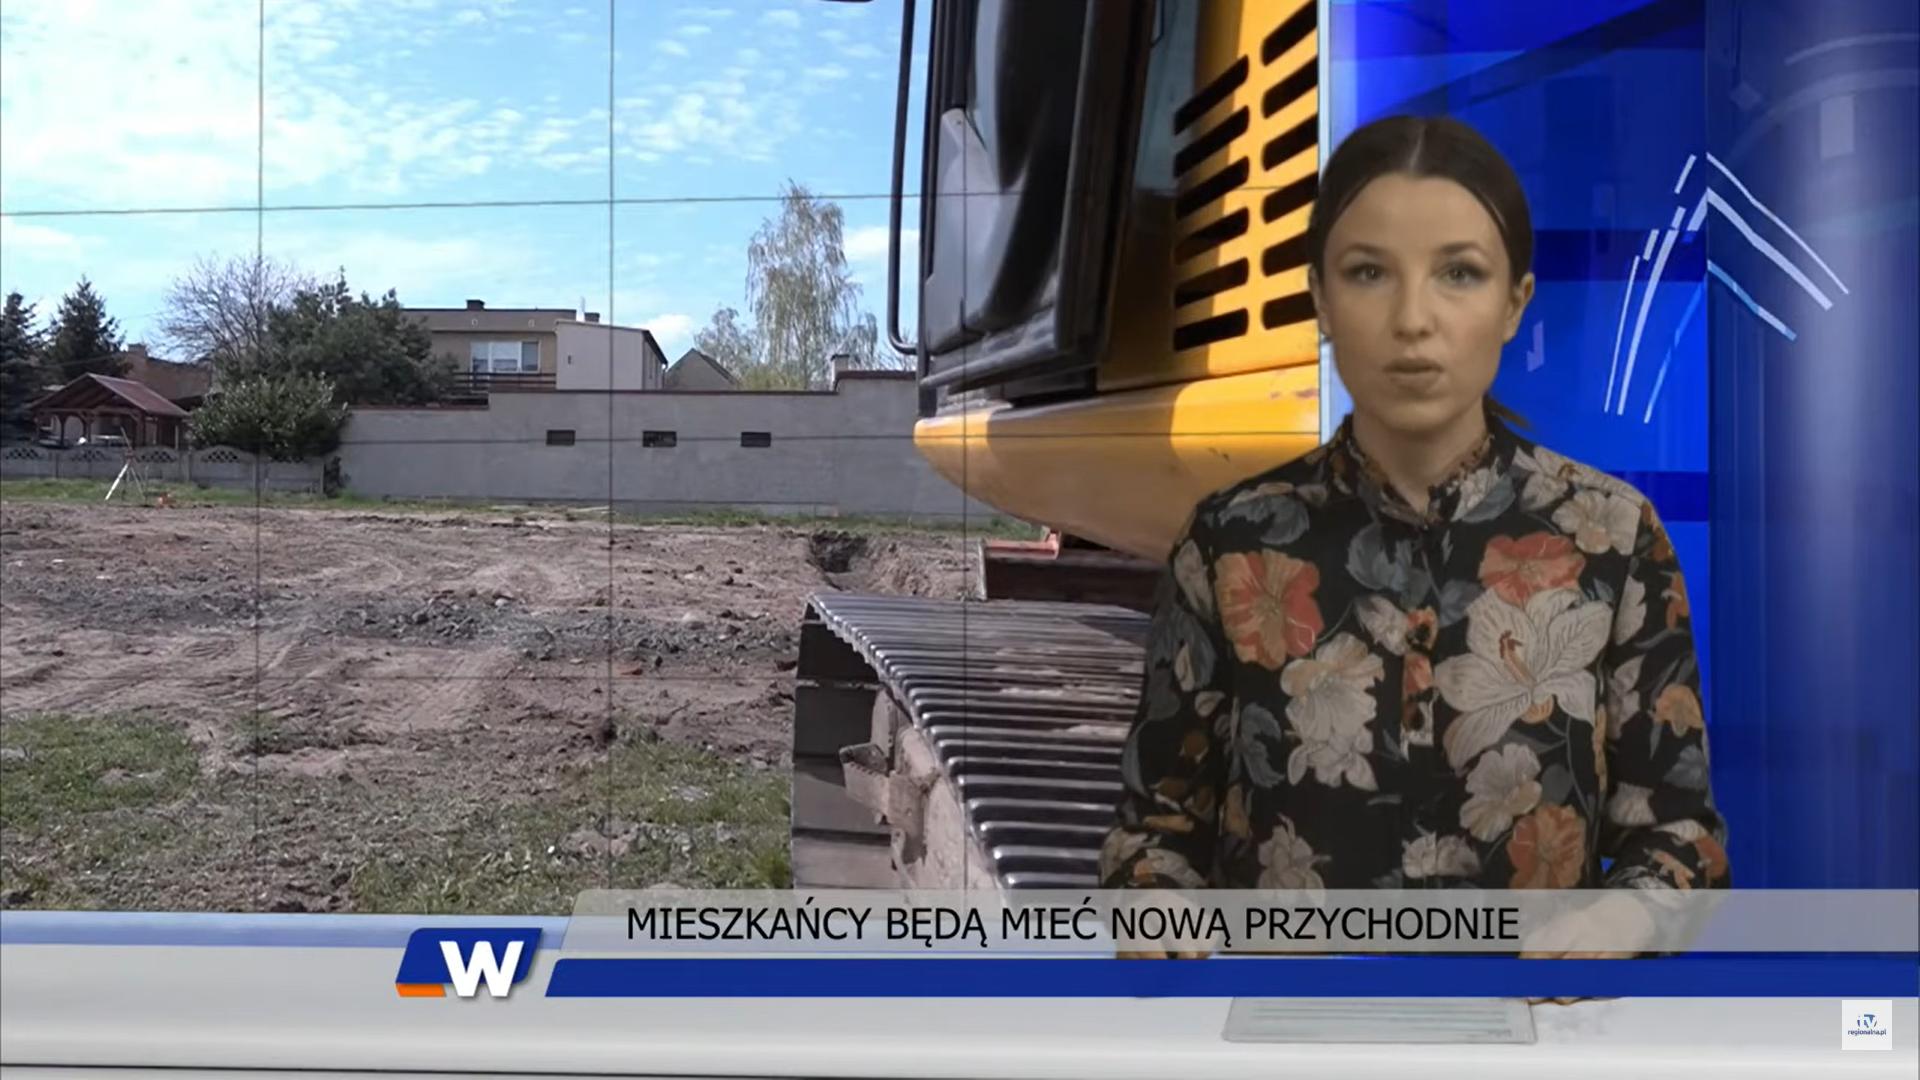 Przychodnia w Trzebnicach w materiale Telewizji Regionalnej (wideo)